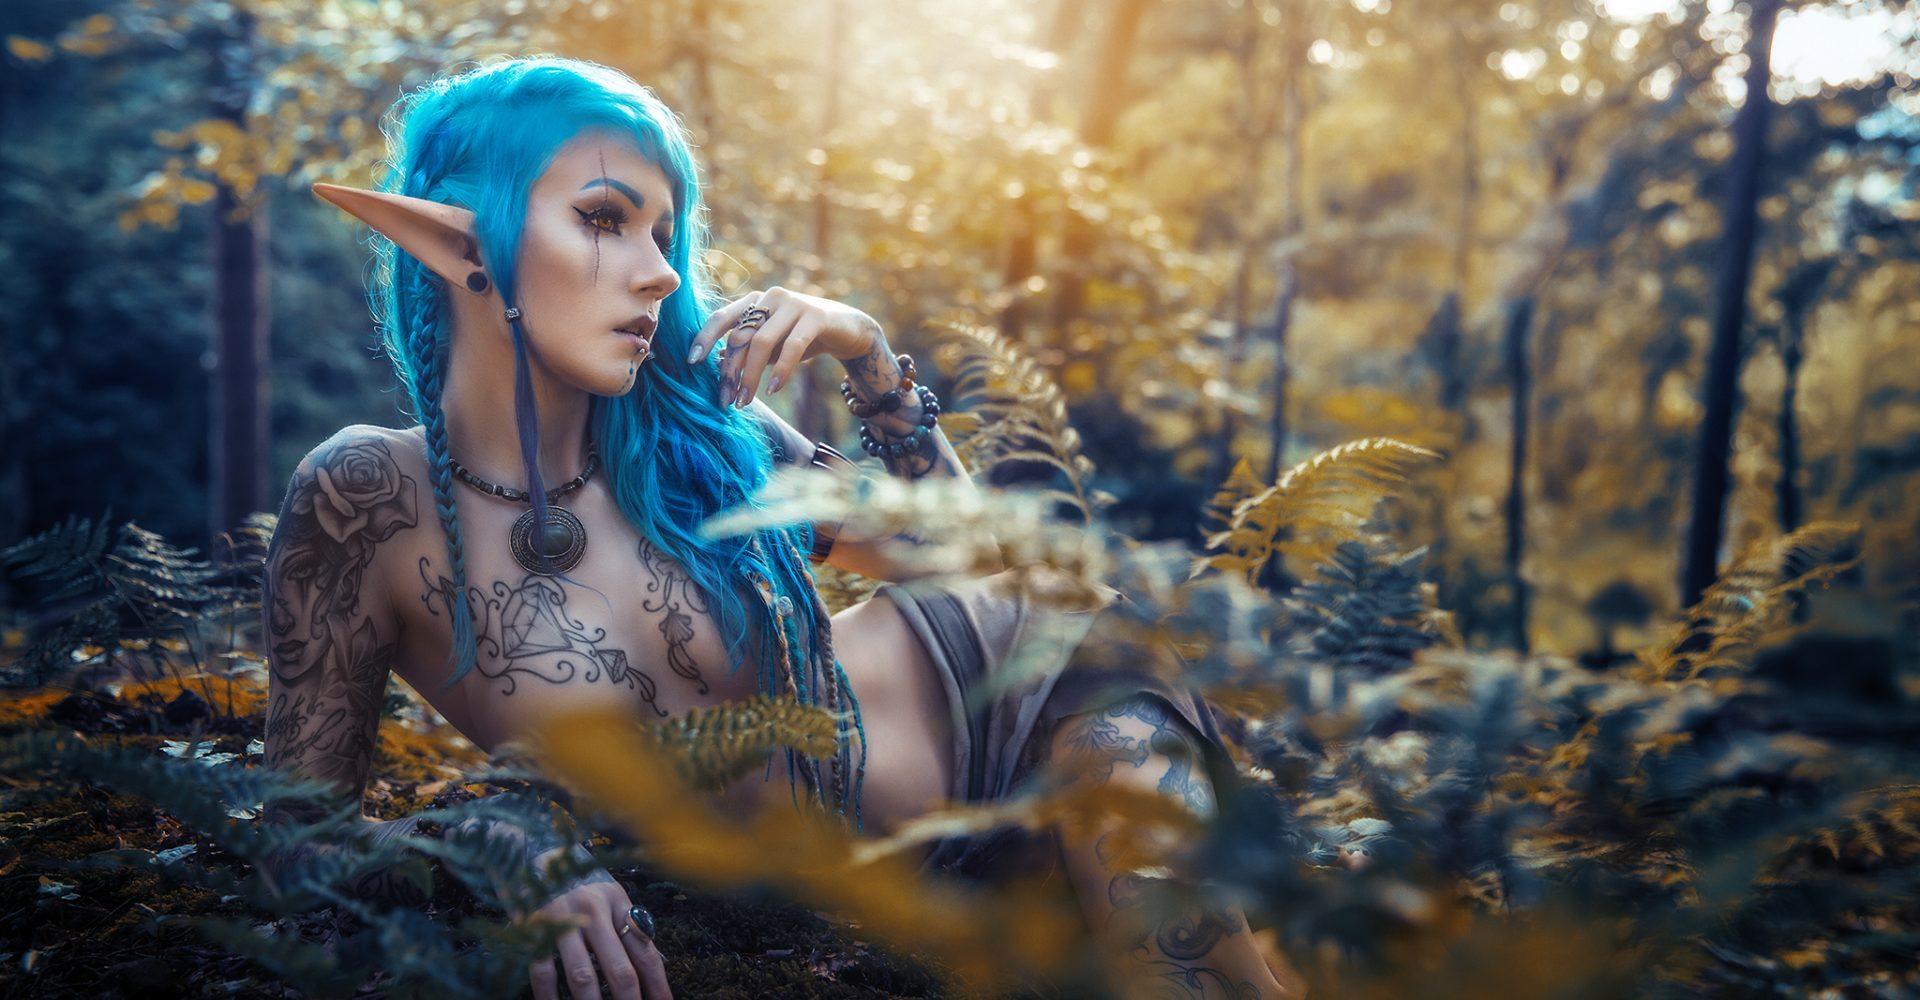 Fantasy Nude